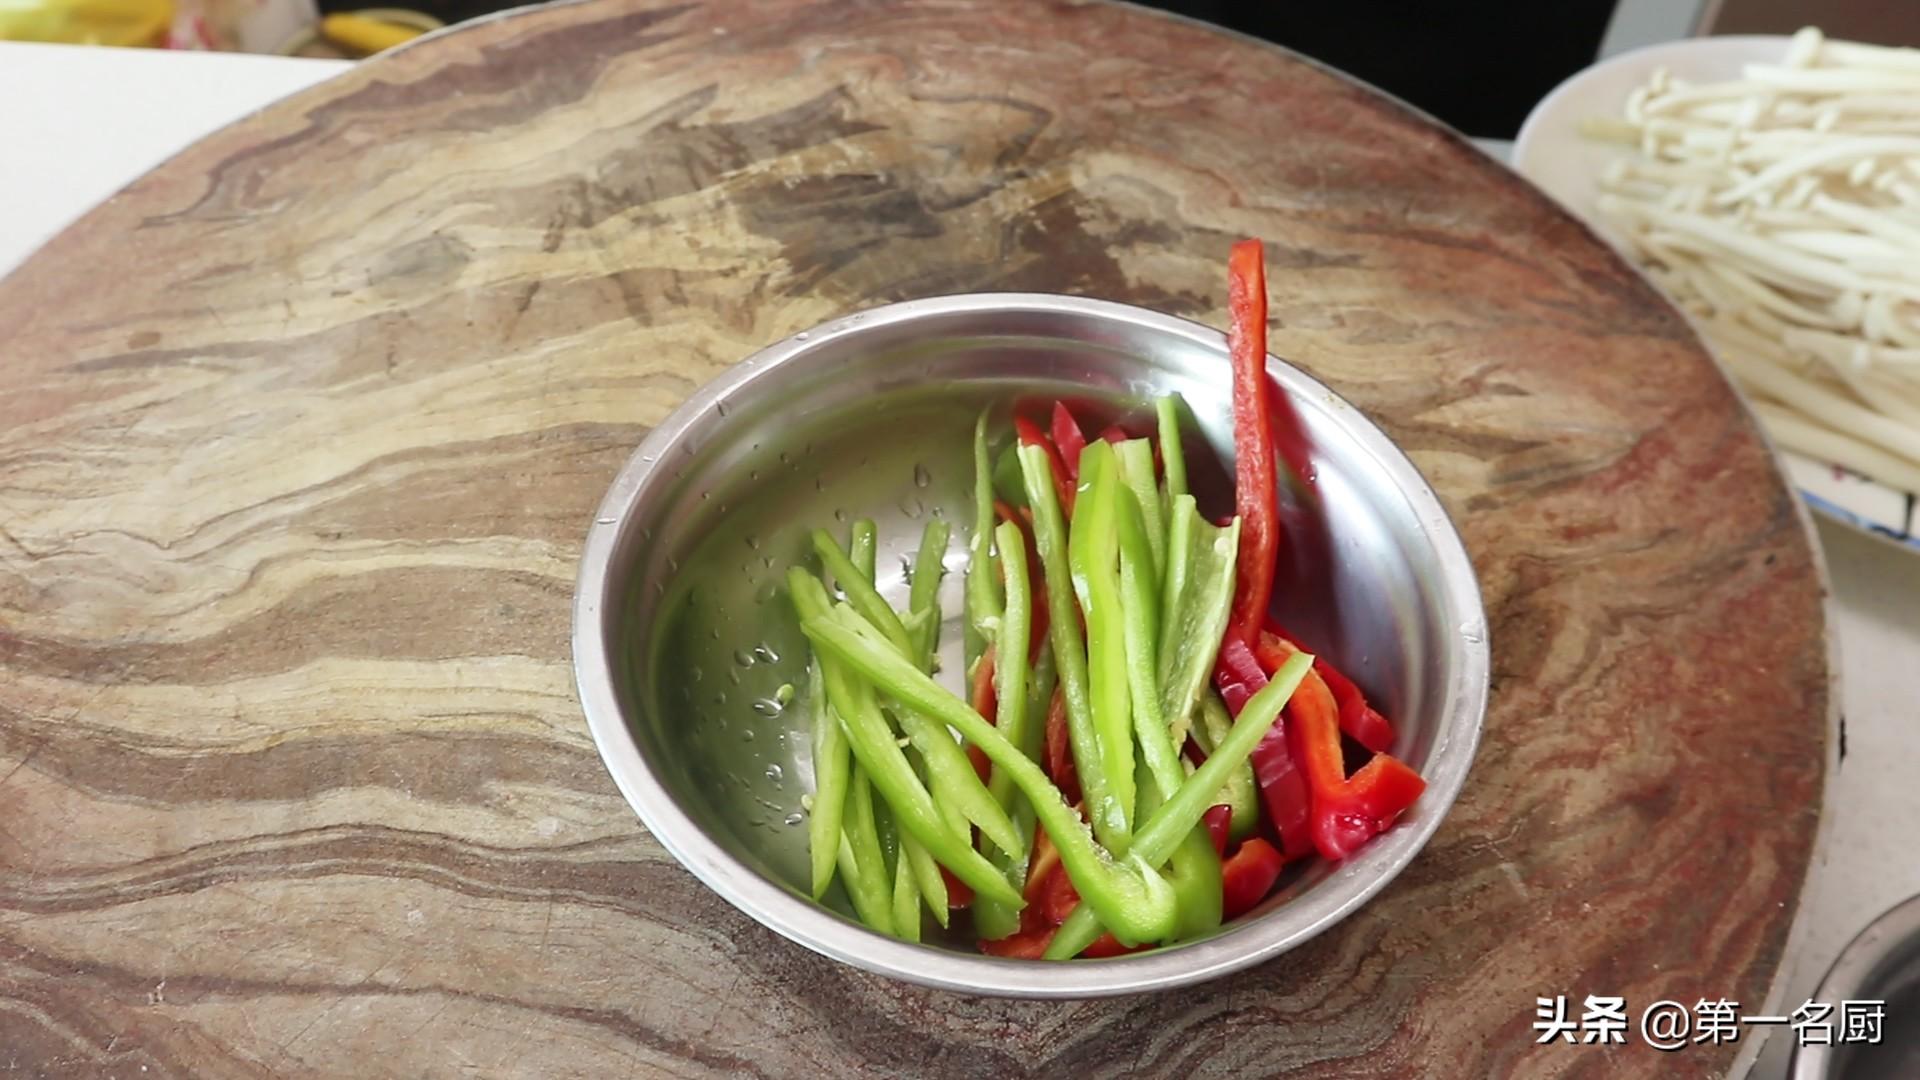 这才是白玉菇最好吃做法,不用放肉,鲜香滑嫩不油腻,上桌就抢光 美食做法 第2张